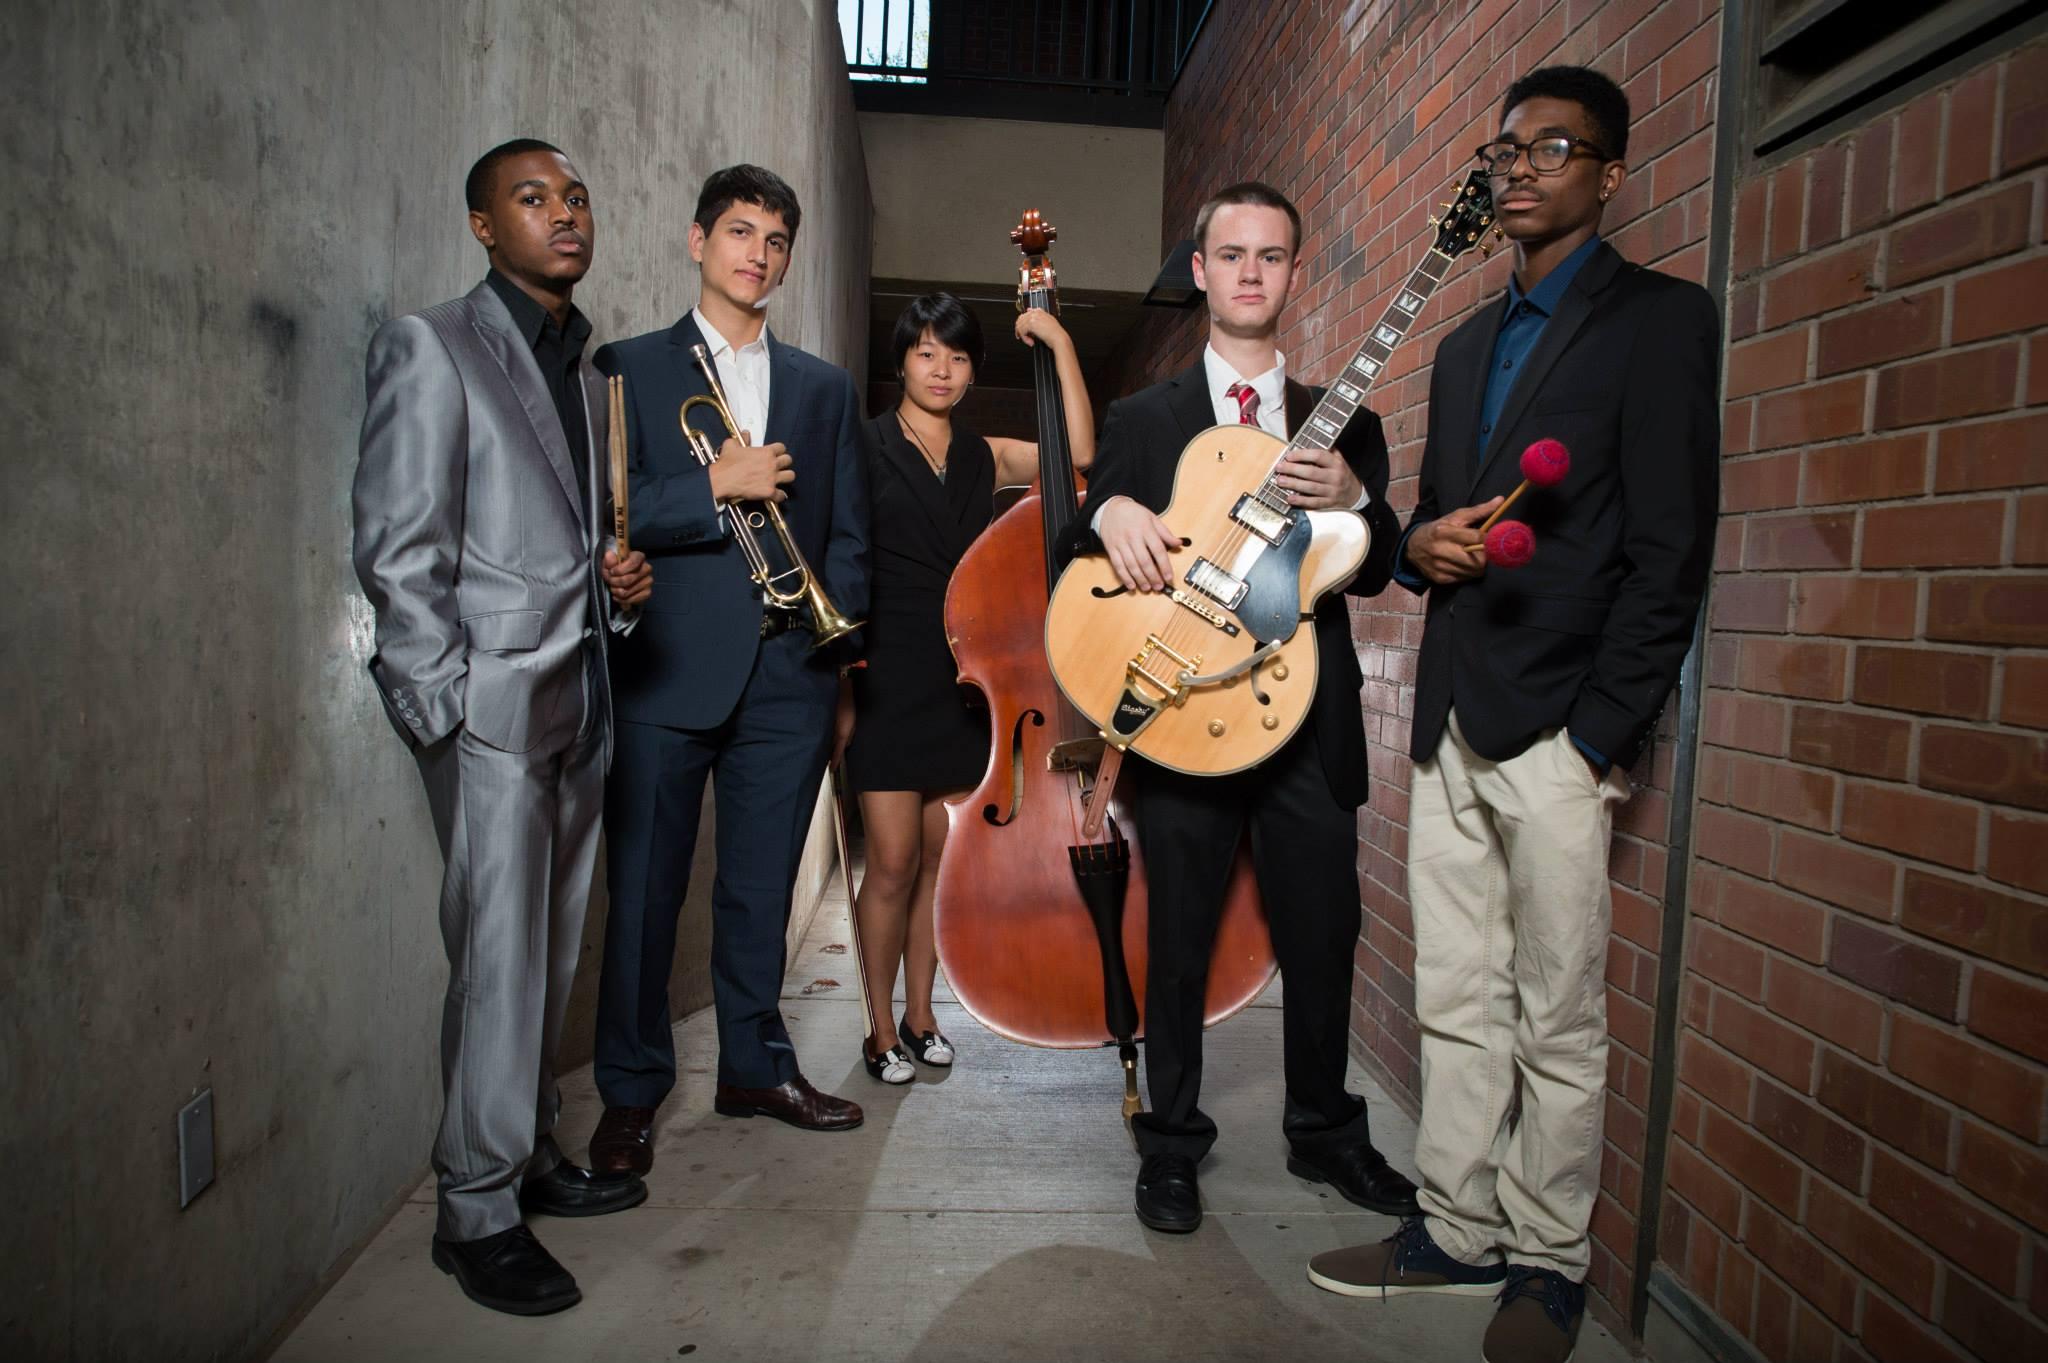 2012-13 brubeck institute jazz quintet